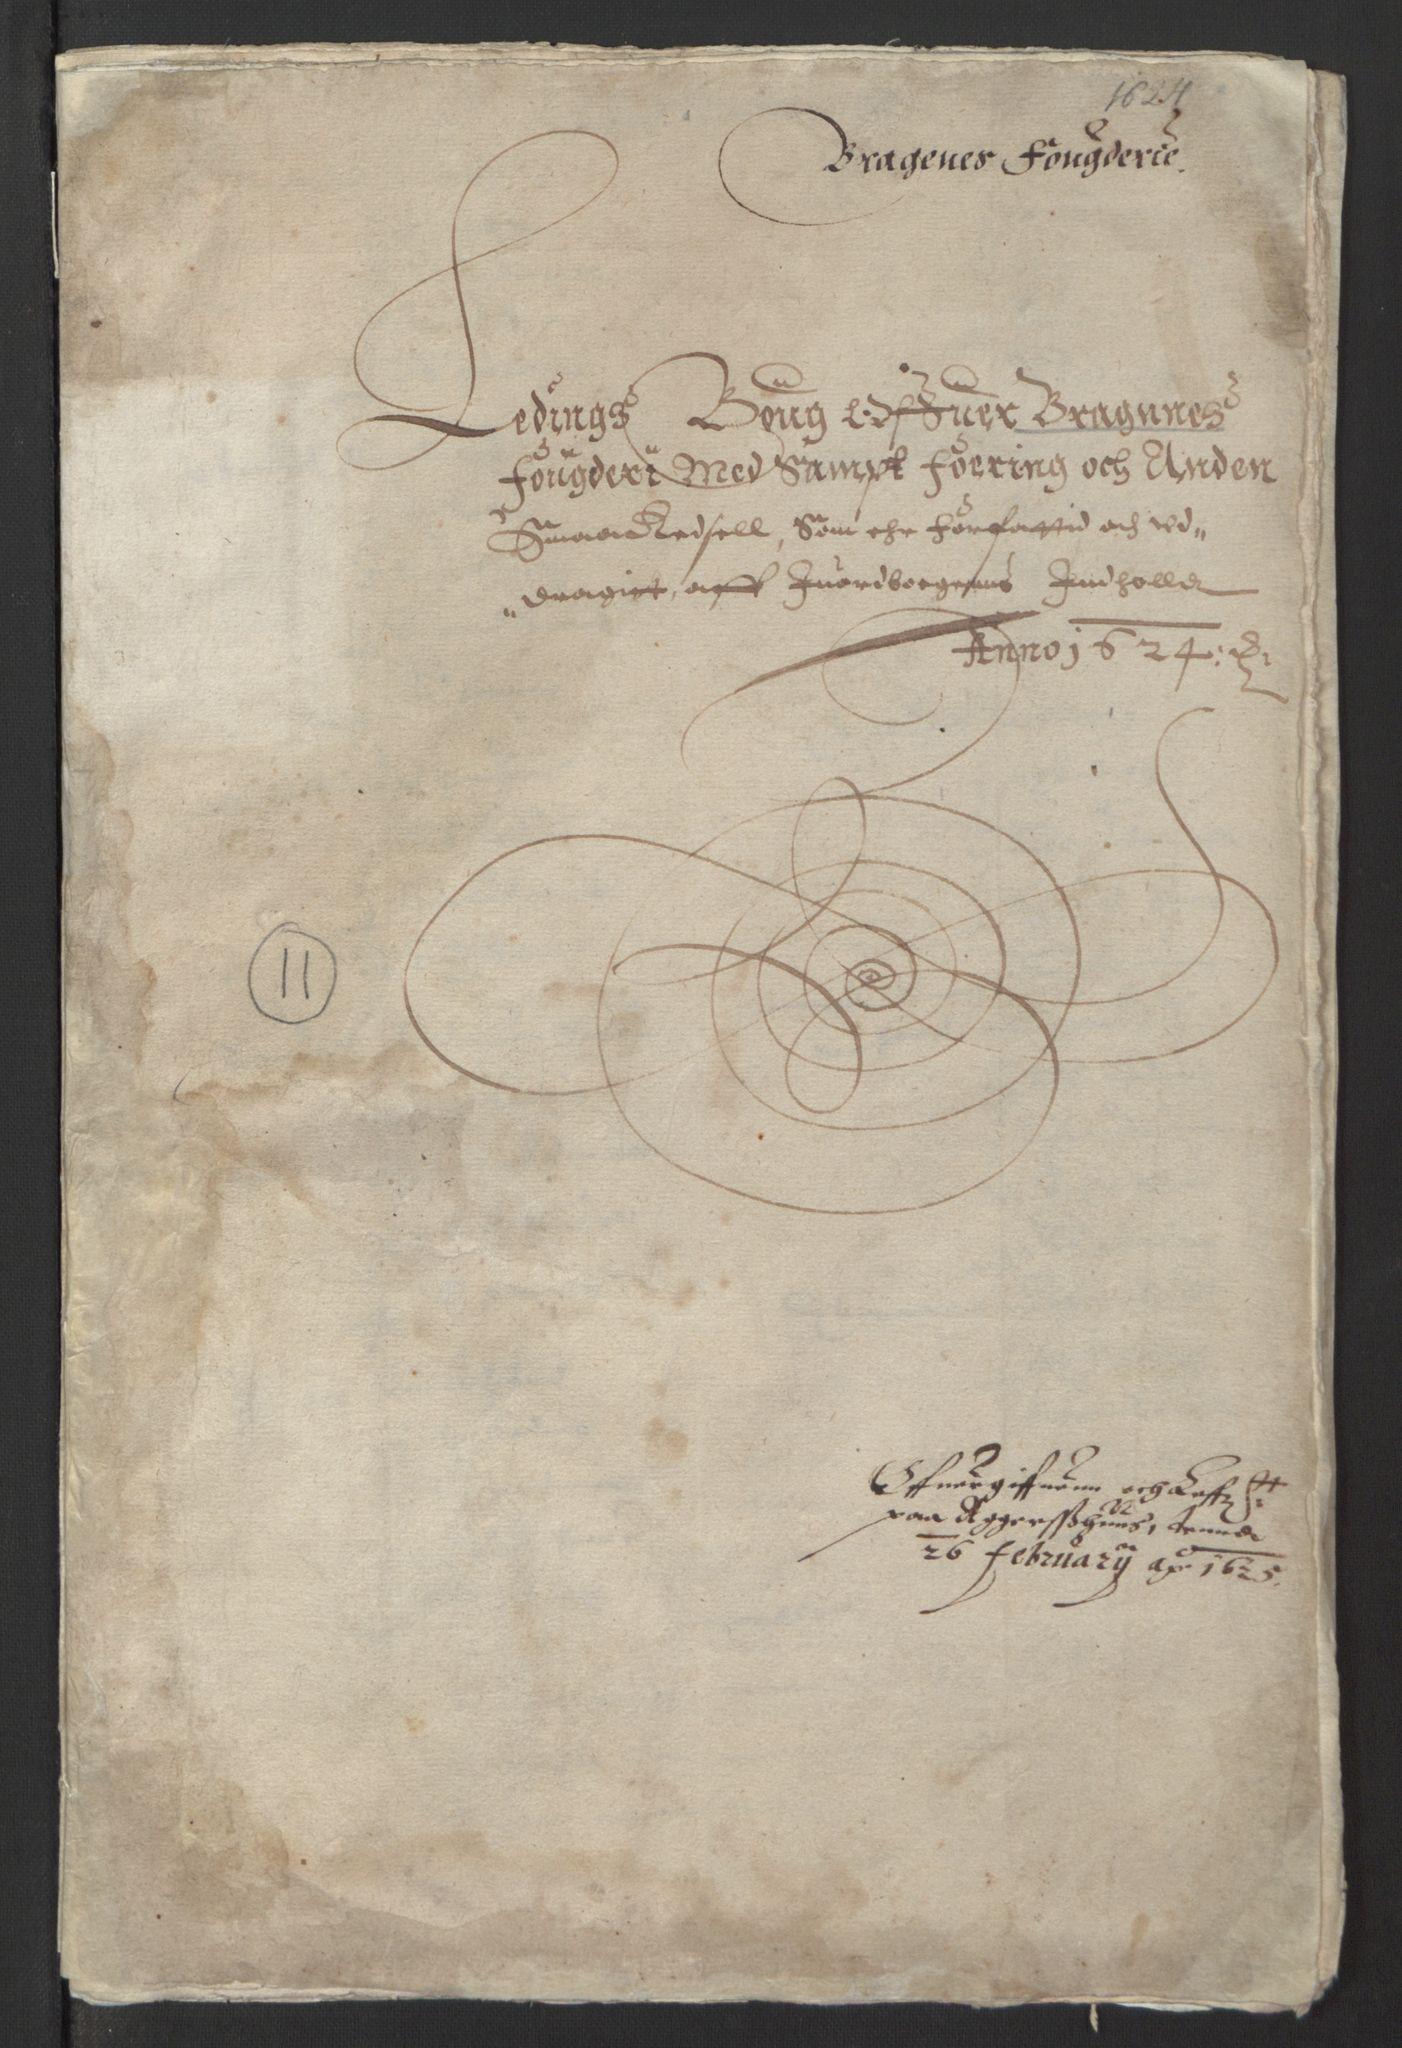 RA, Stattholderembetet 1572-1771, Ek/L0001: Jordebøker før 1624 og til utligning av garnisonsskatt 1624-1626:, 1624-1625, s. 253